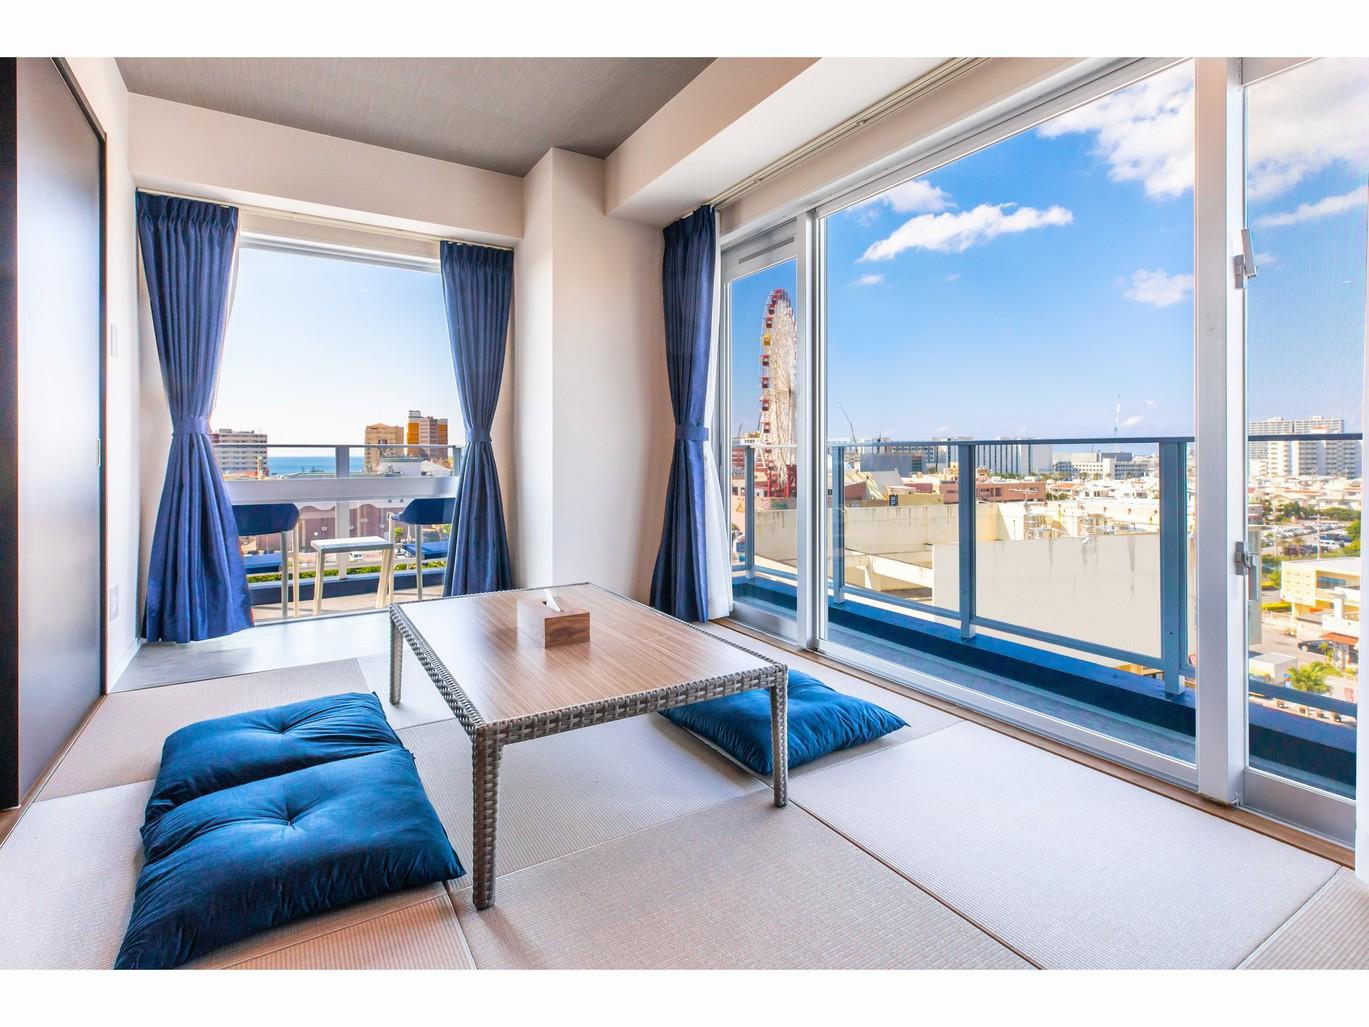 ラパンミハマレジデンスホテル / 【Vacation Rental】バケーションレンタル《素泊り》